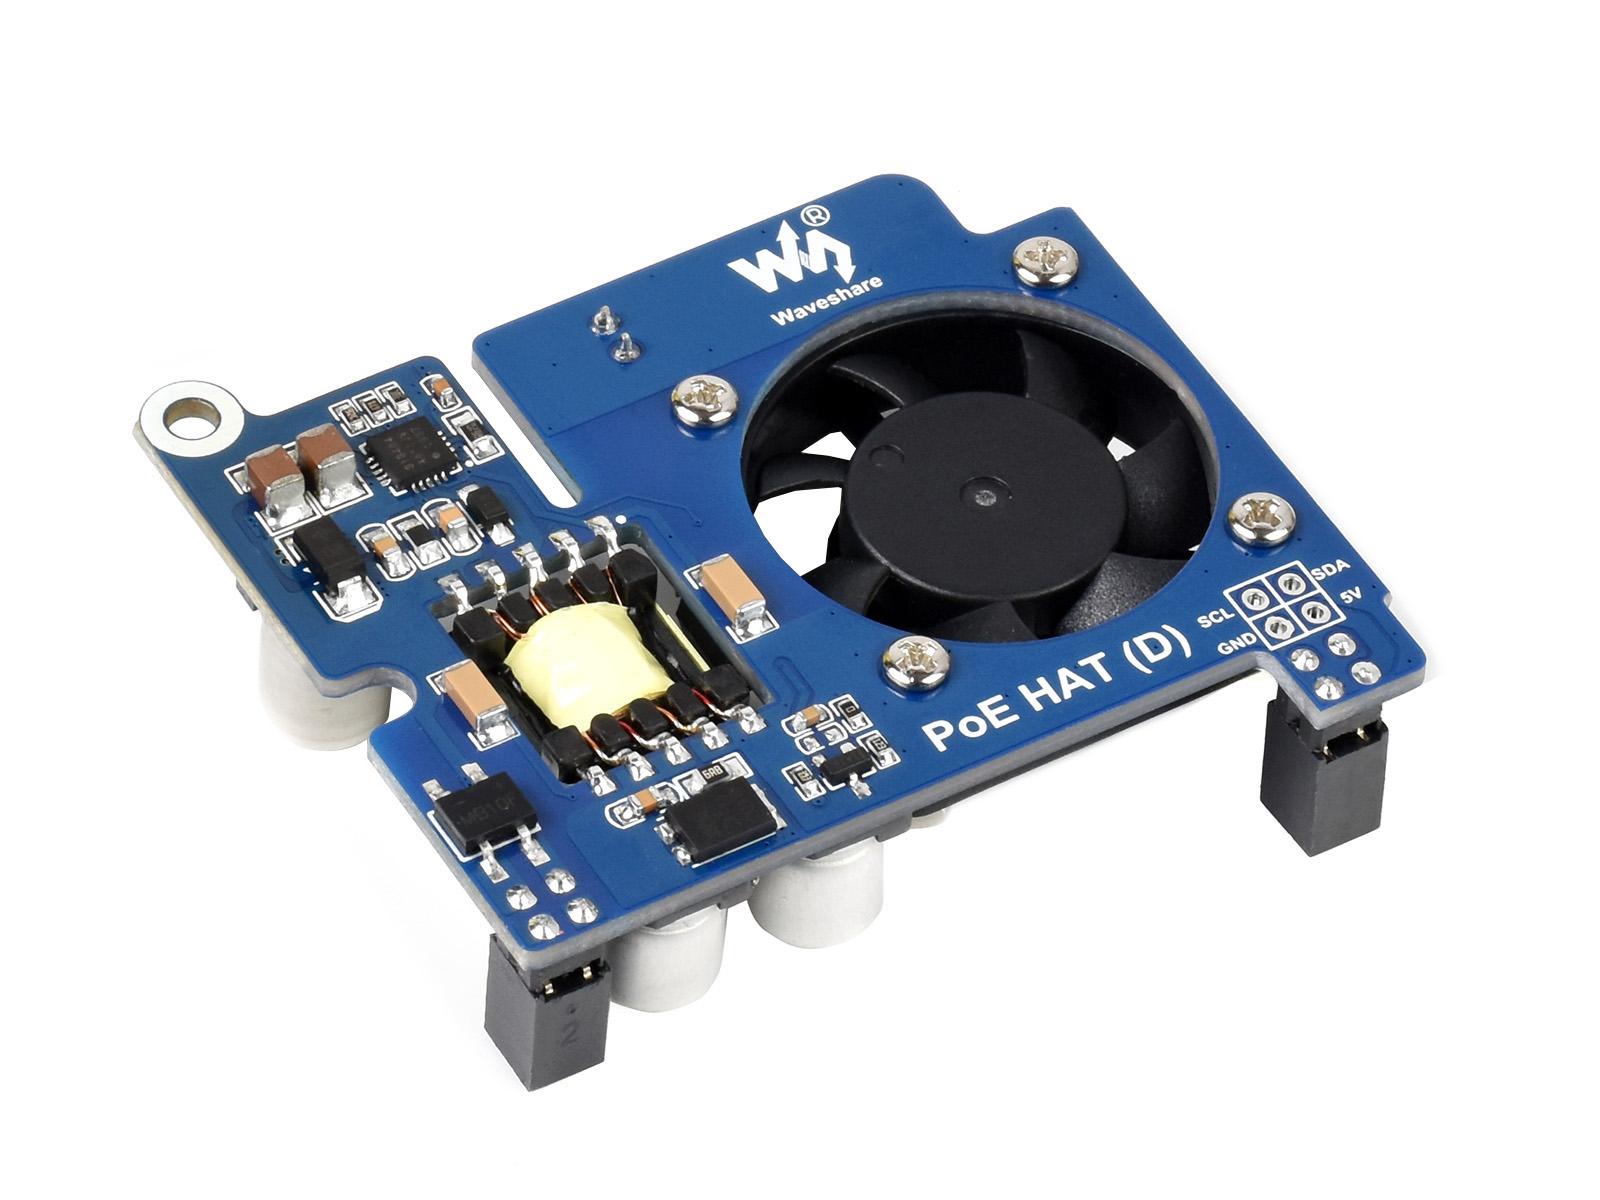 树莓派以太网供电扩展板 适用于树莓派3B+/4B,支持802.3af网络标准